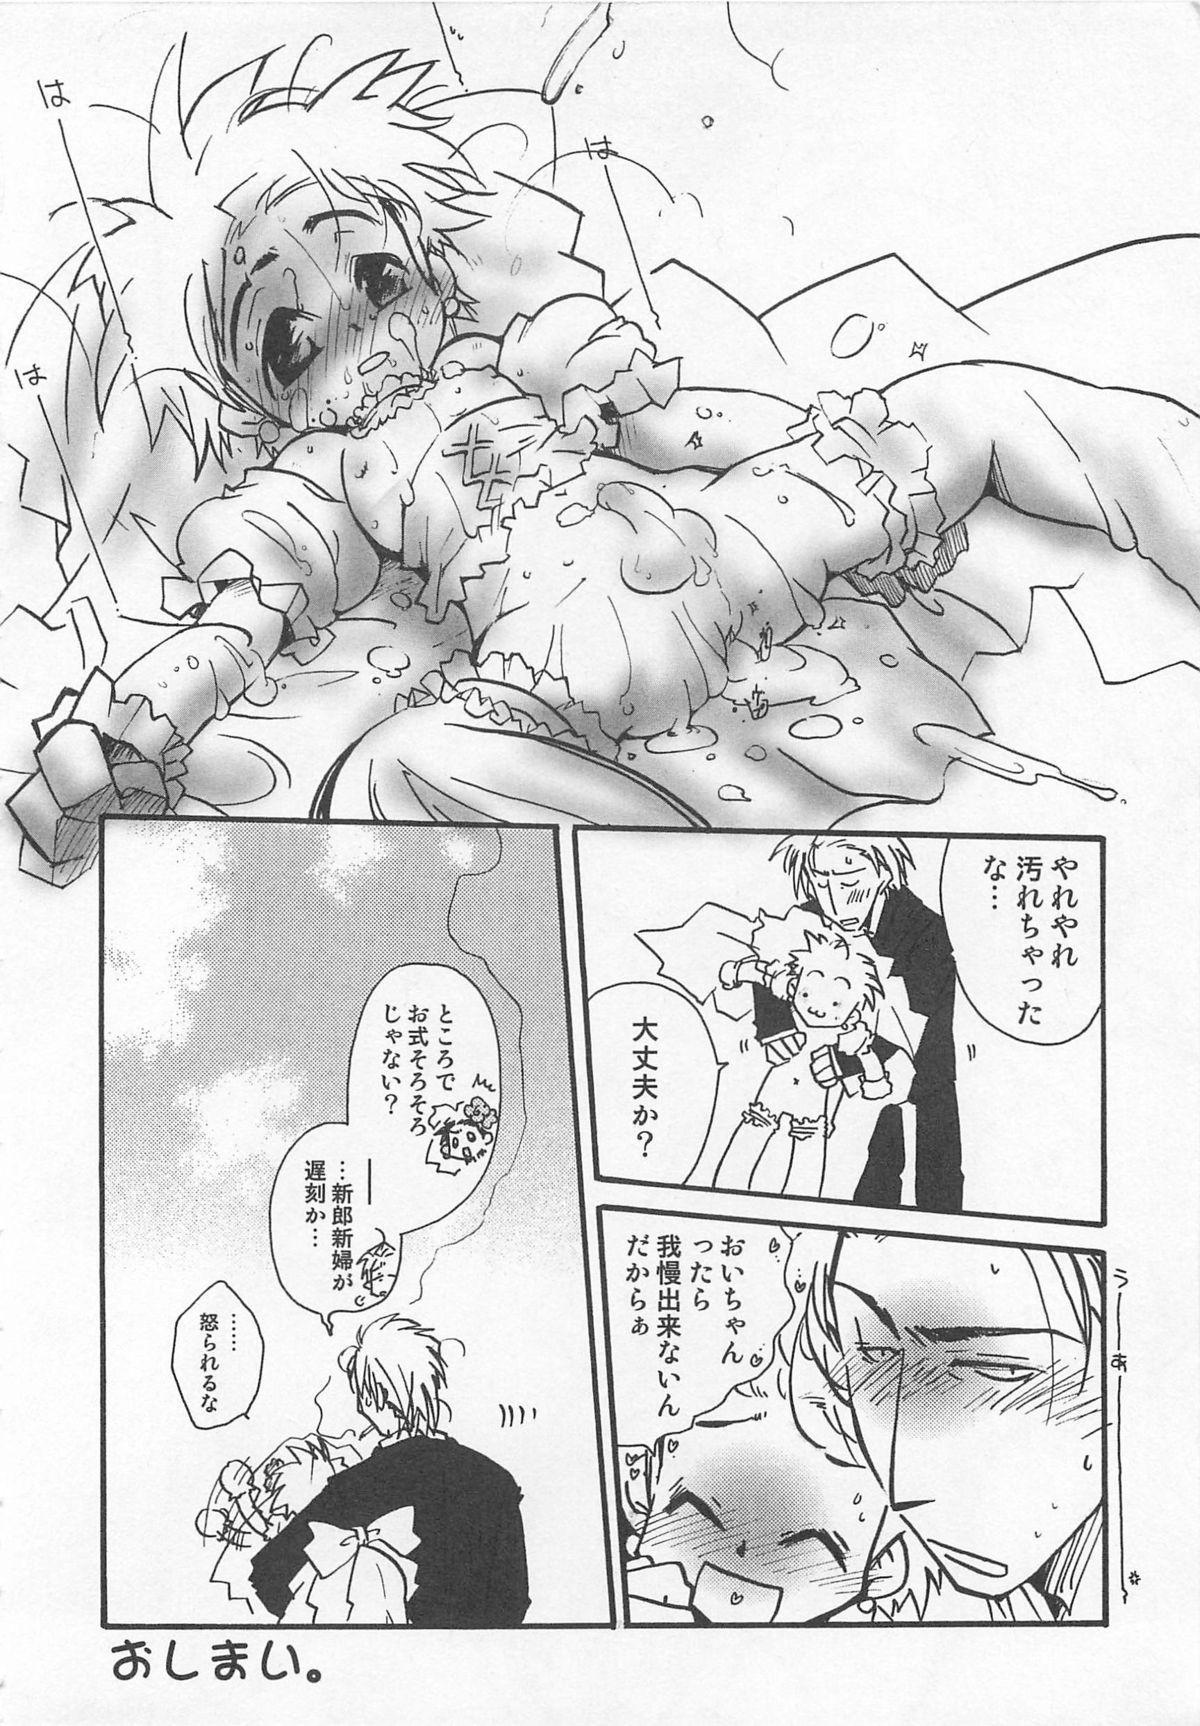 Otokonoko HEAVEN Vol. 01 Meganekko 86